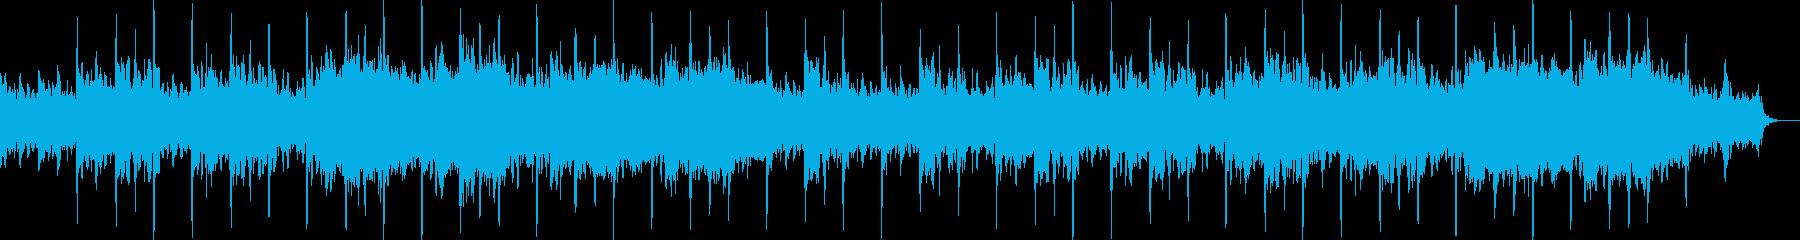 ファンタジー物語風の美しいヒーリング曲の再生済みの波形